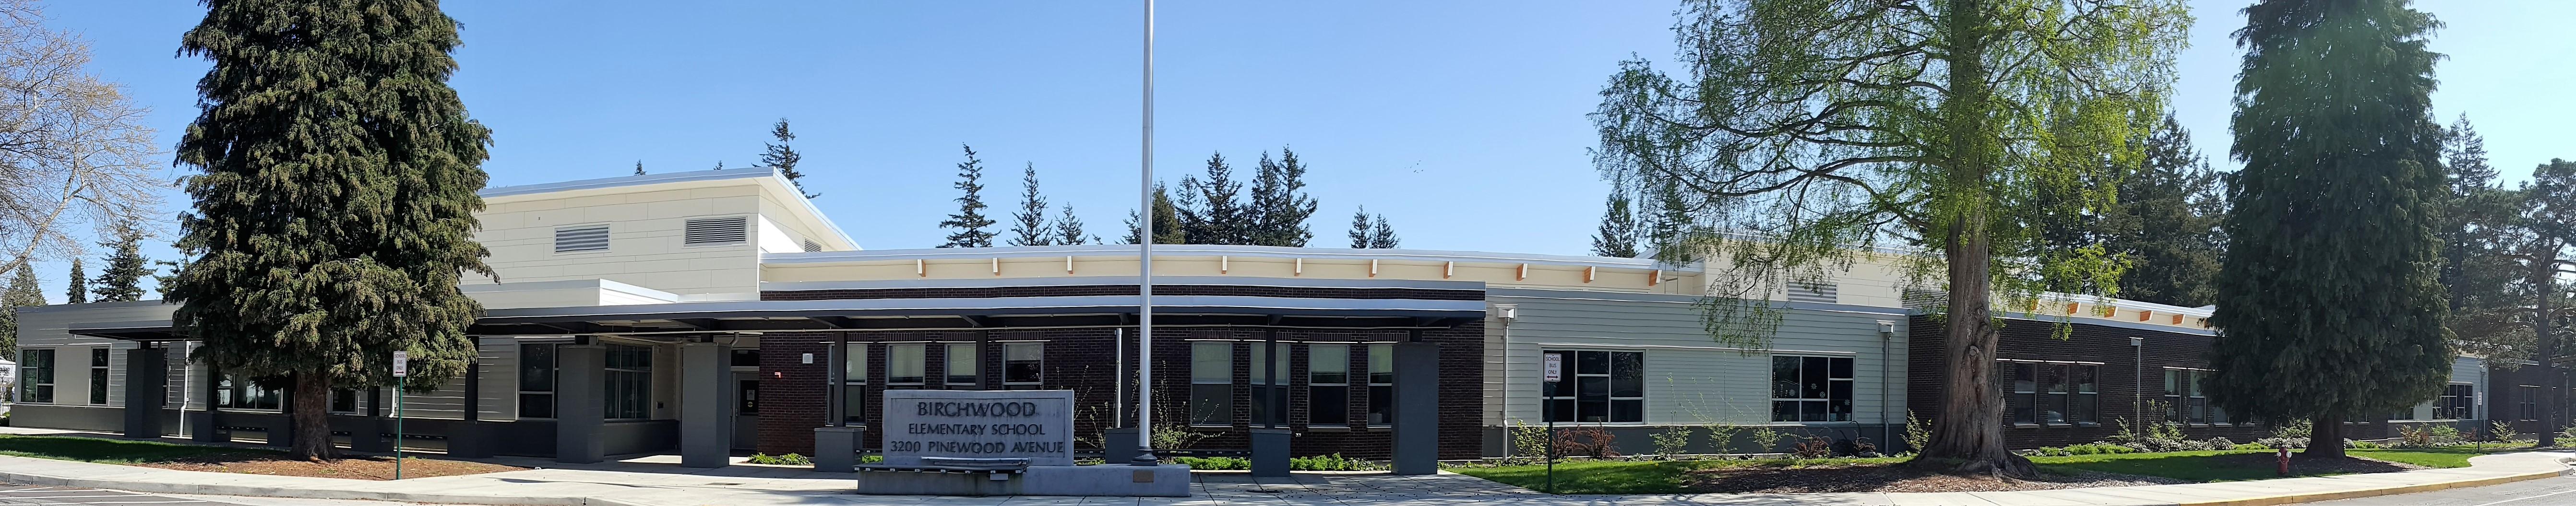 Birchwood Elementary 2